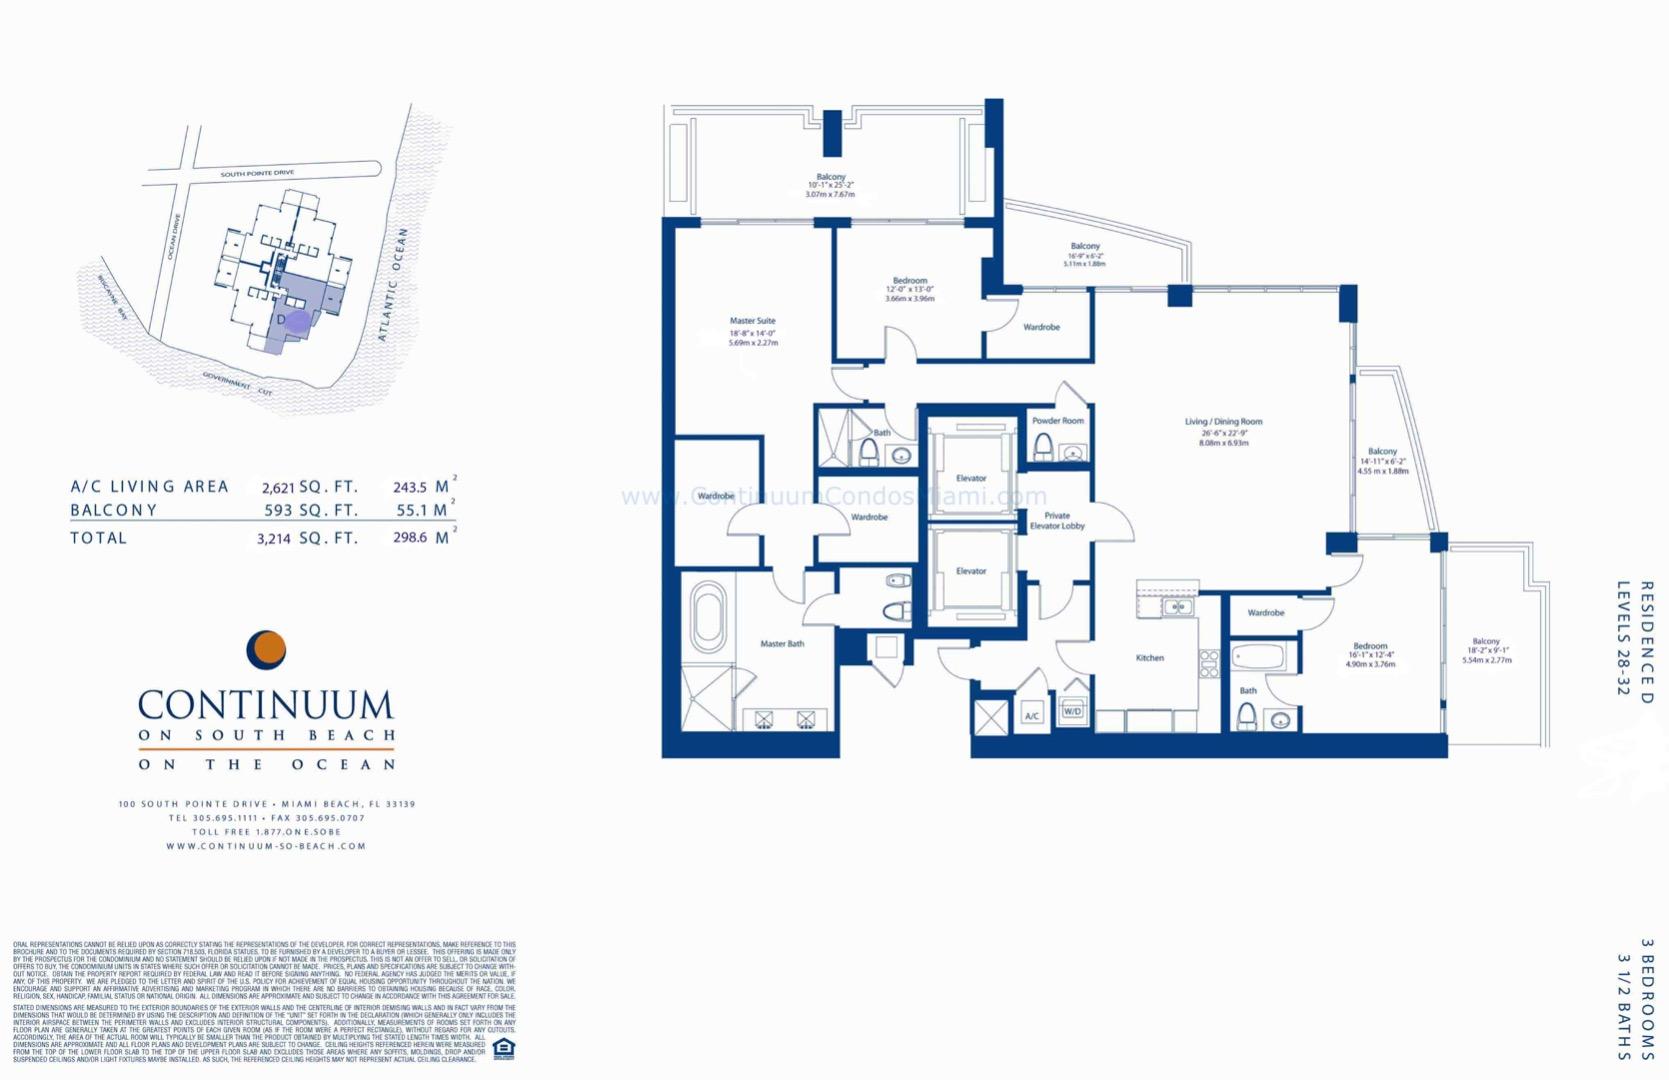 Floor plan image D - 3/3/1  - 2621 sqft image